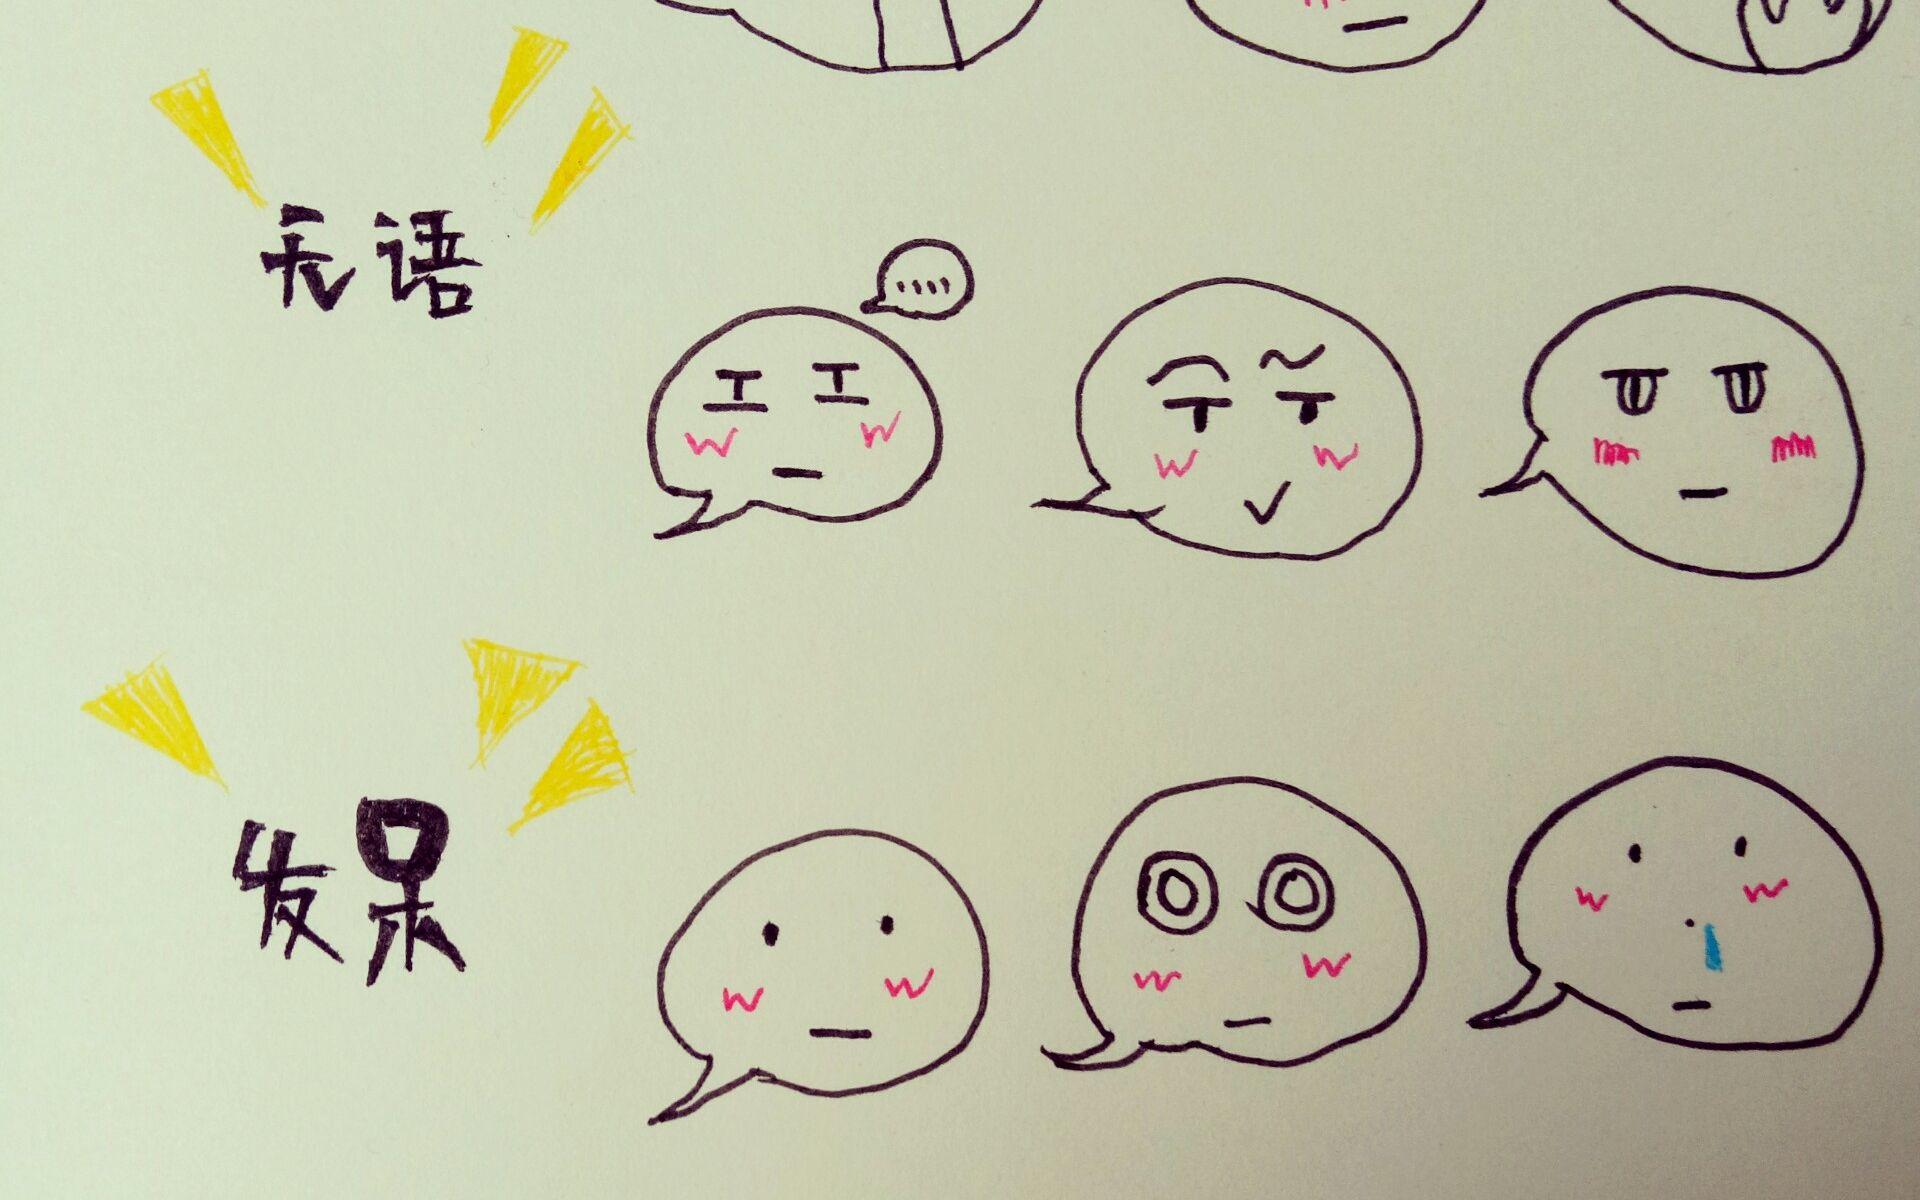 表情 手账简笔画2 气泡表情 绘画 生活 bilibili 哔哩哔哩 表情